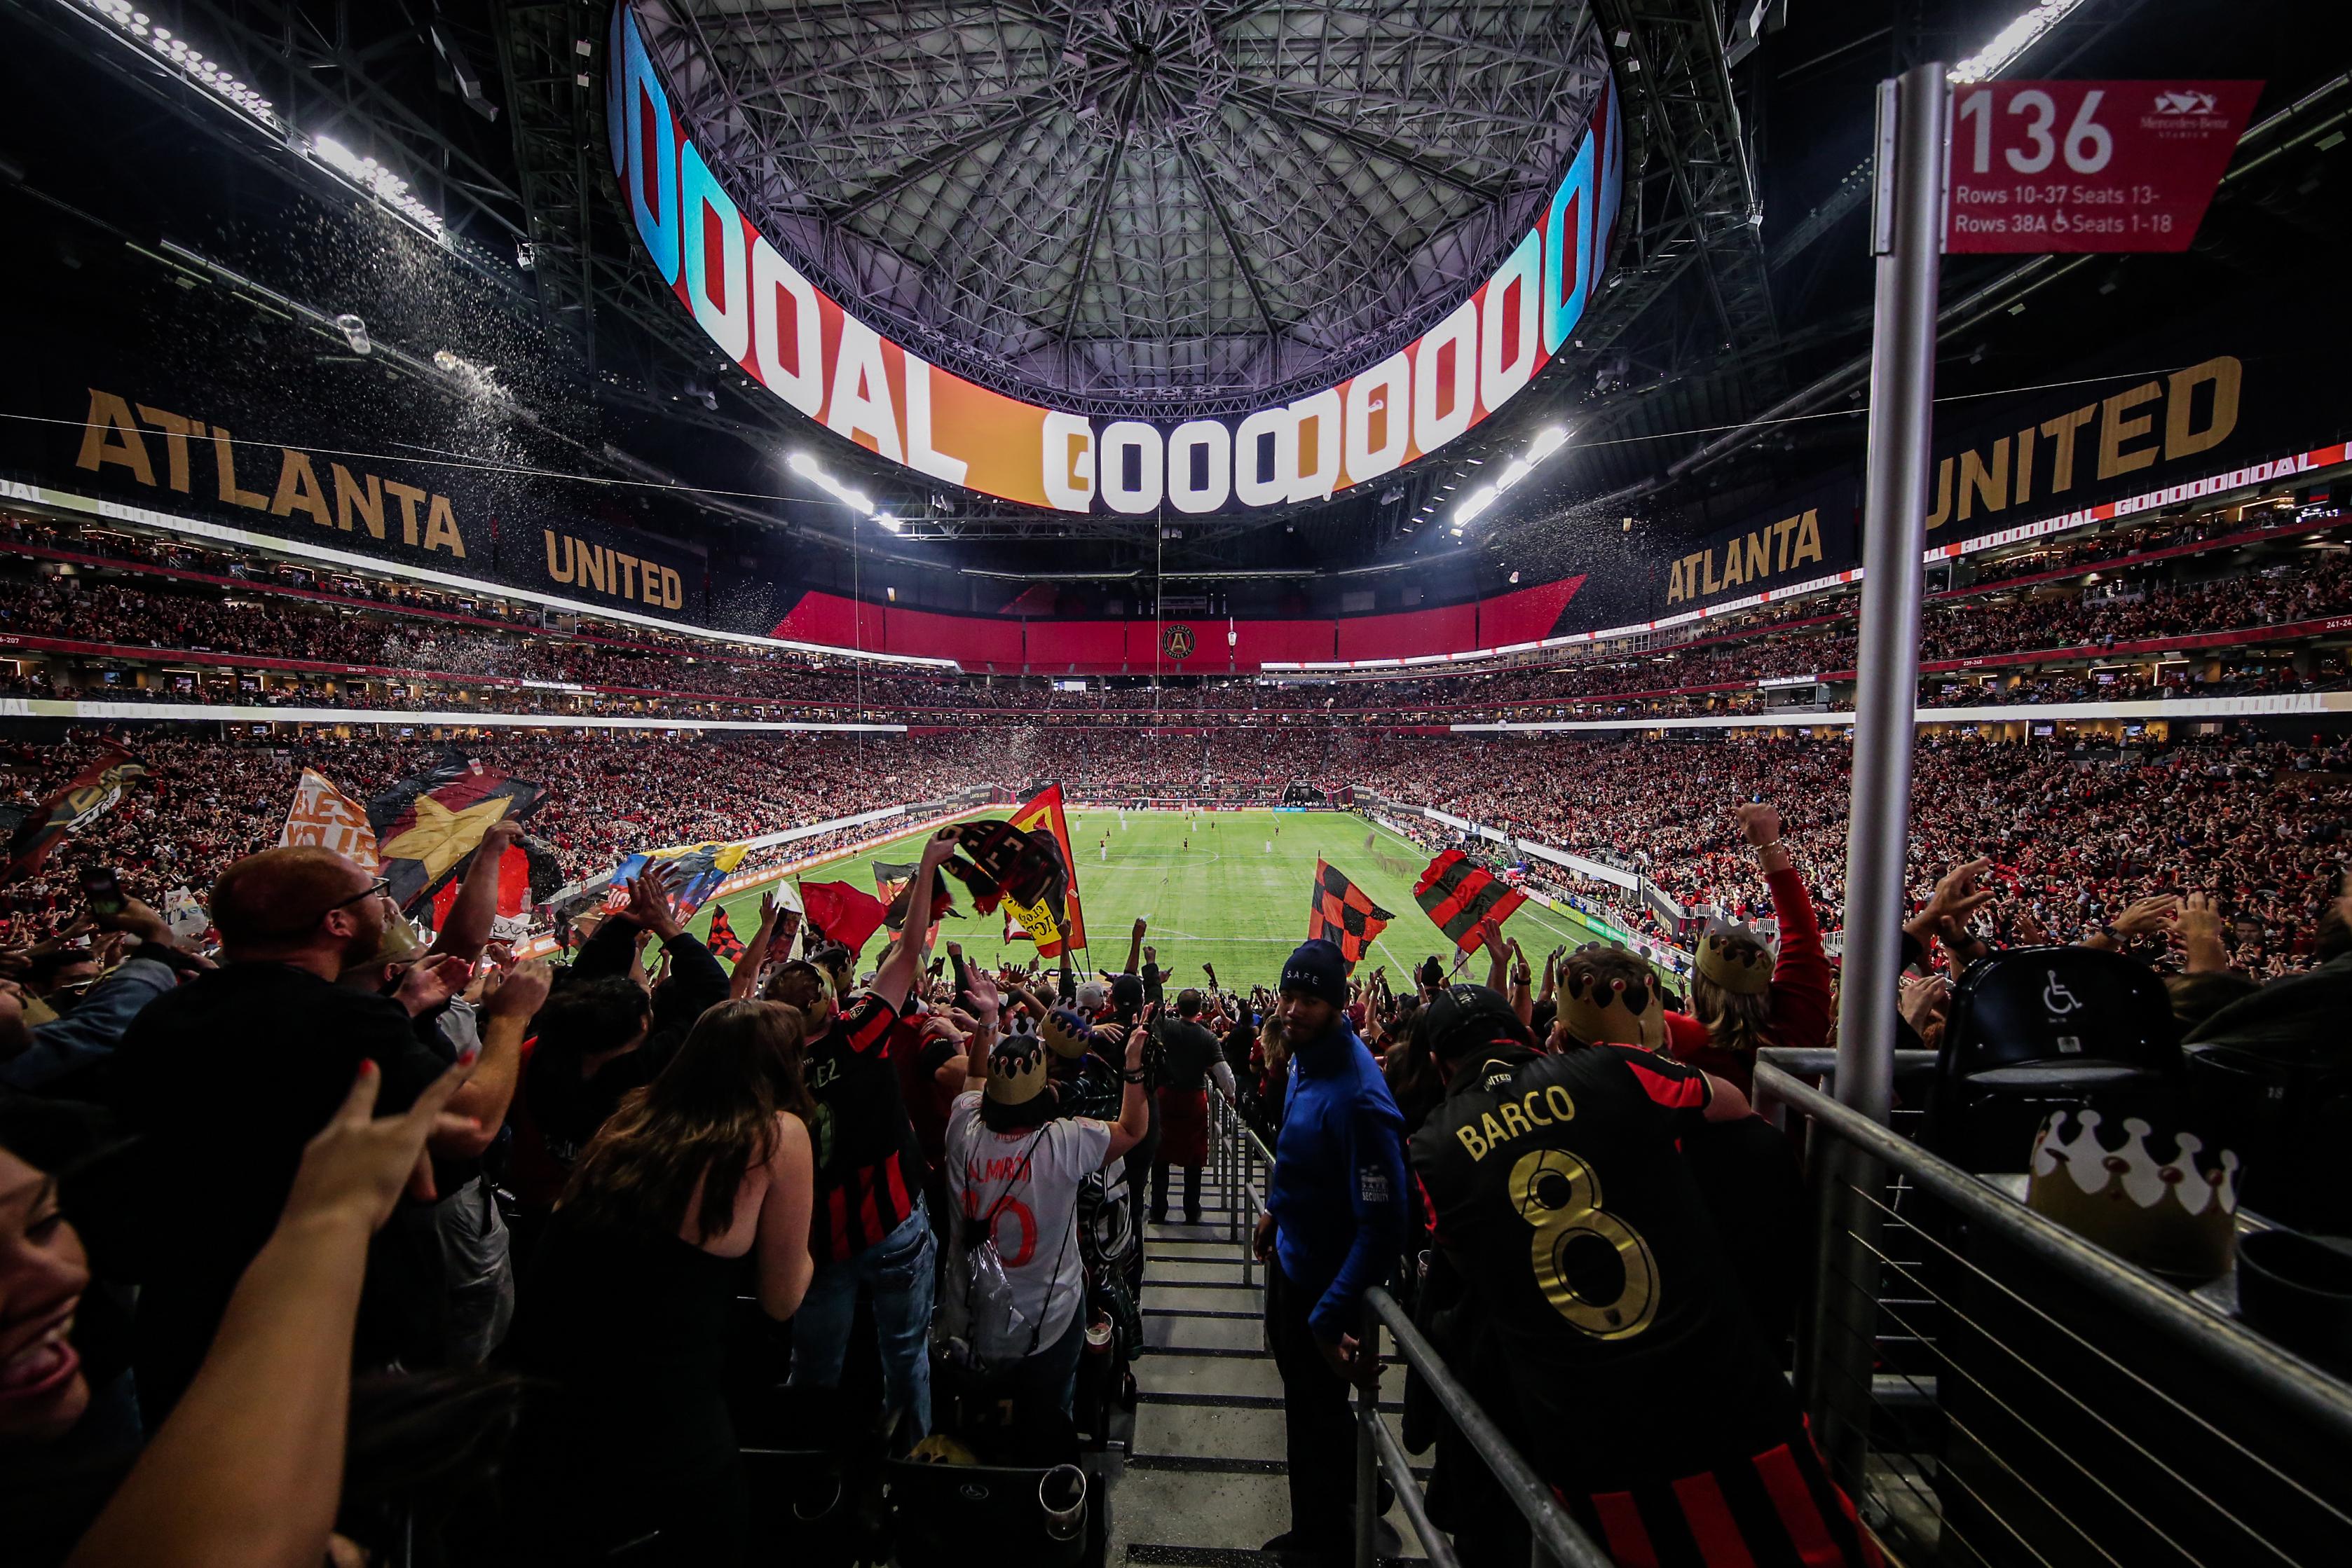 Toronto FC v Atlanta United - Eastern Conference Finals